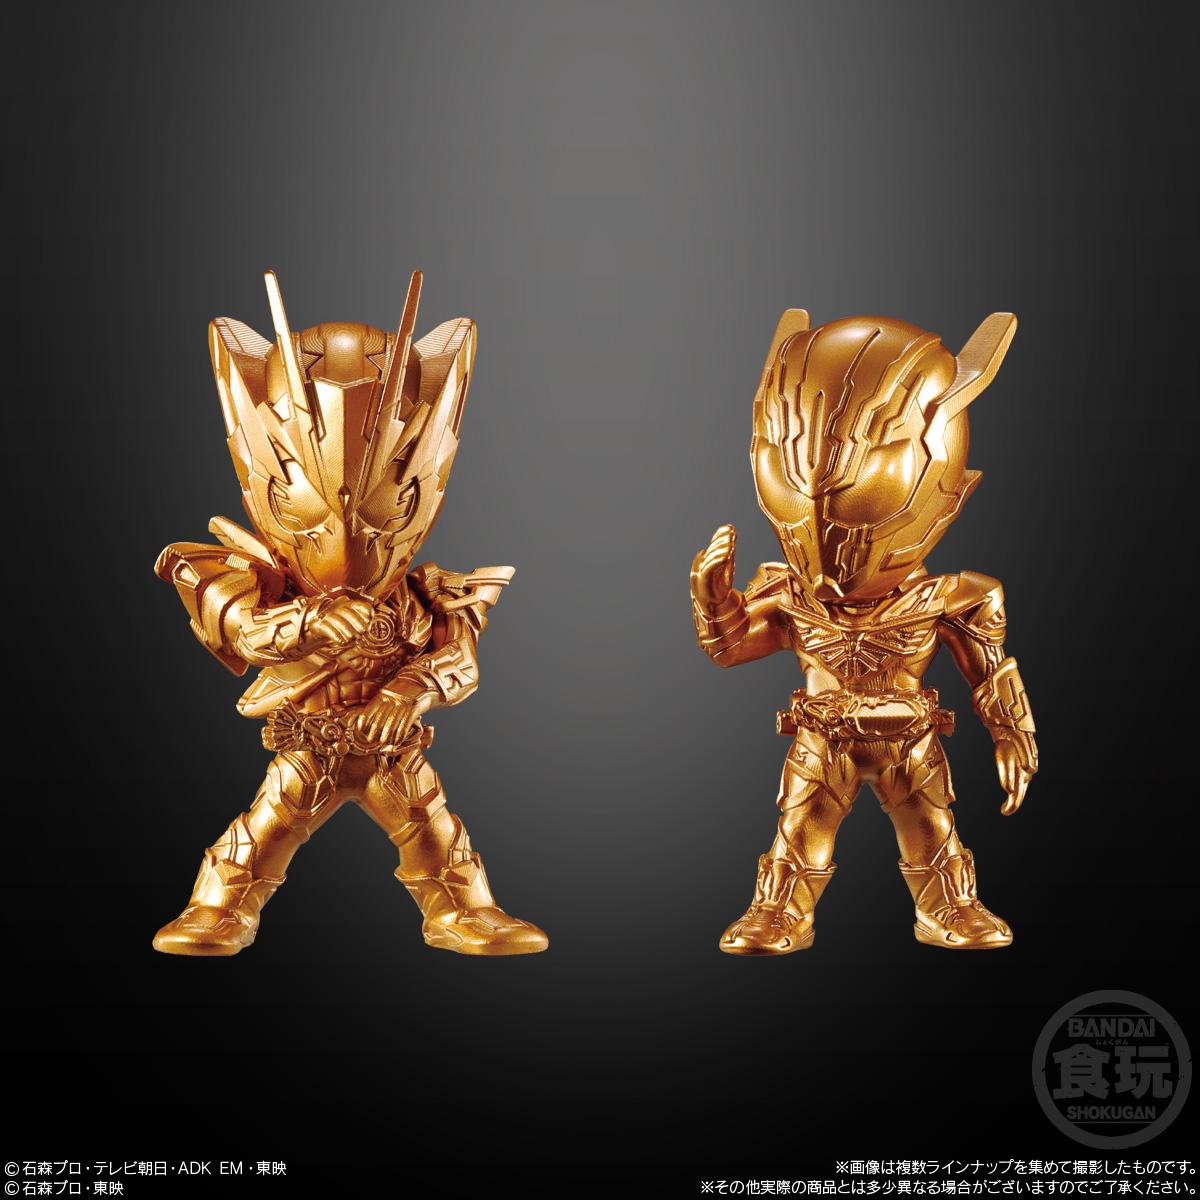 仮面ライダーゴールドフィギュア03_2